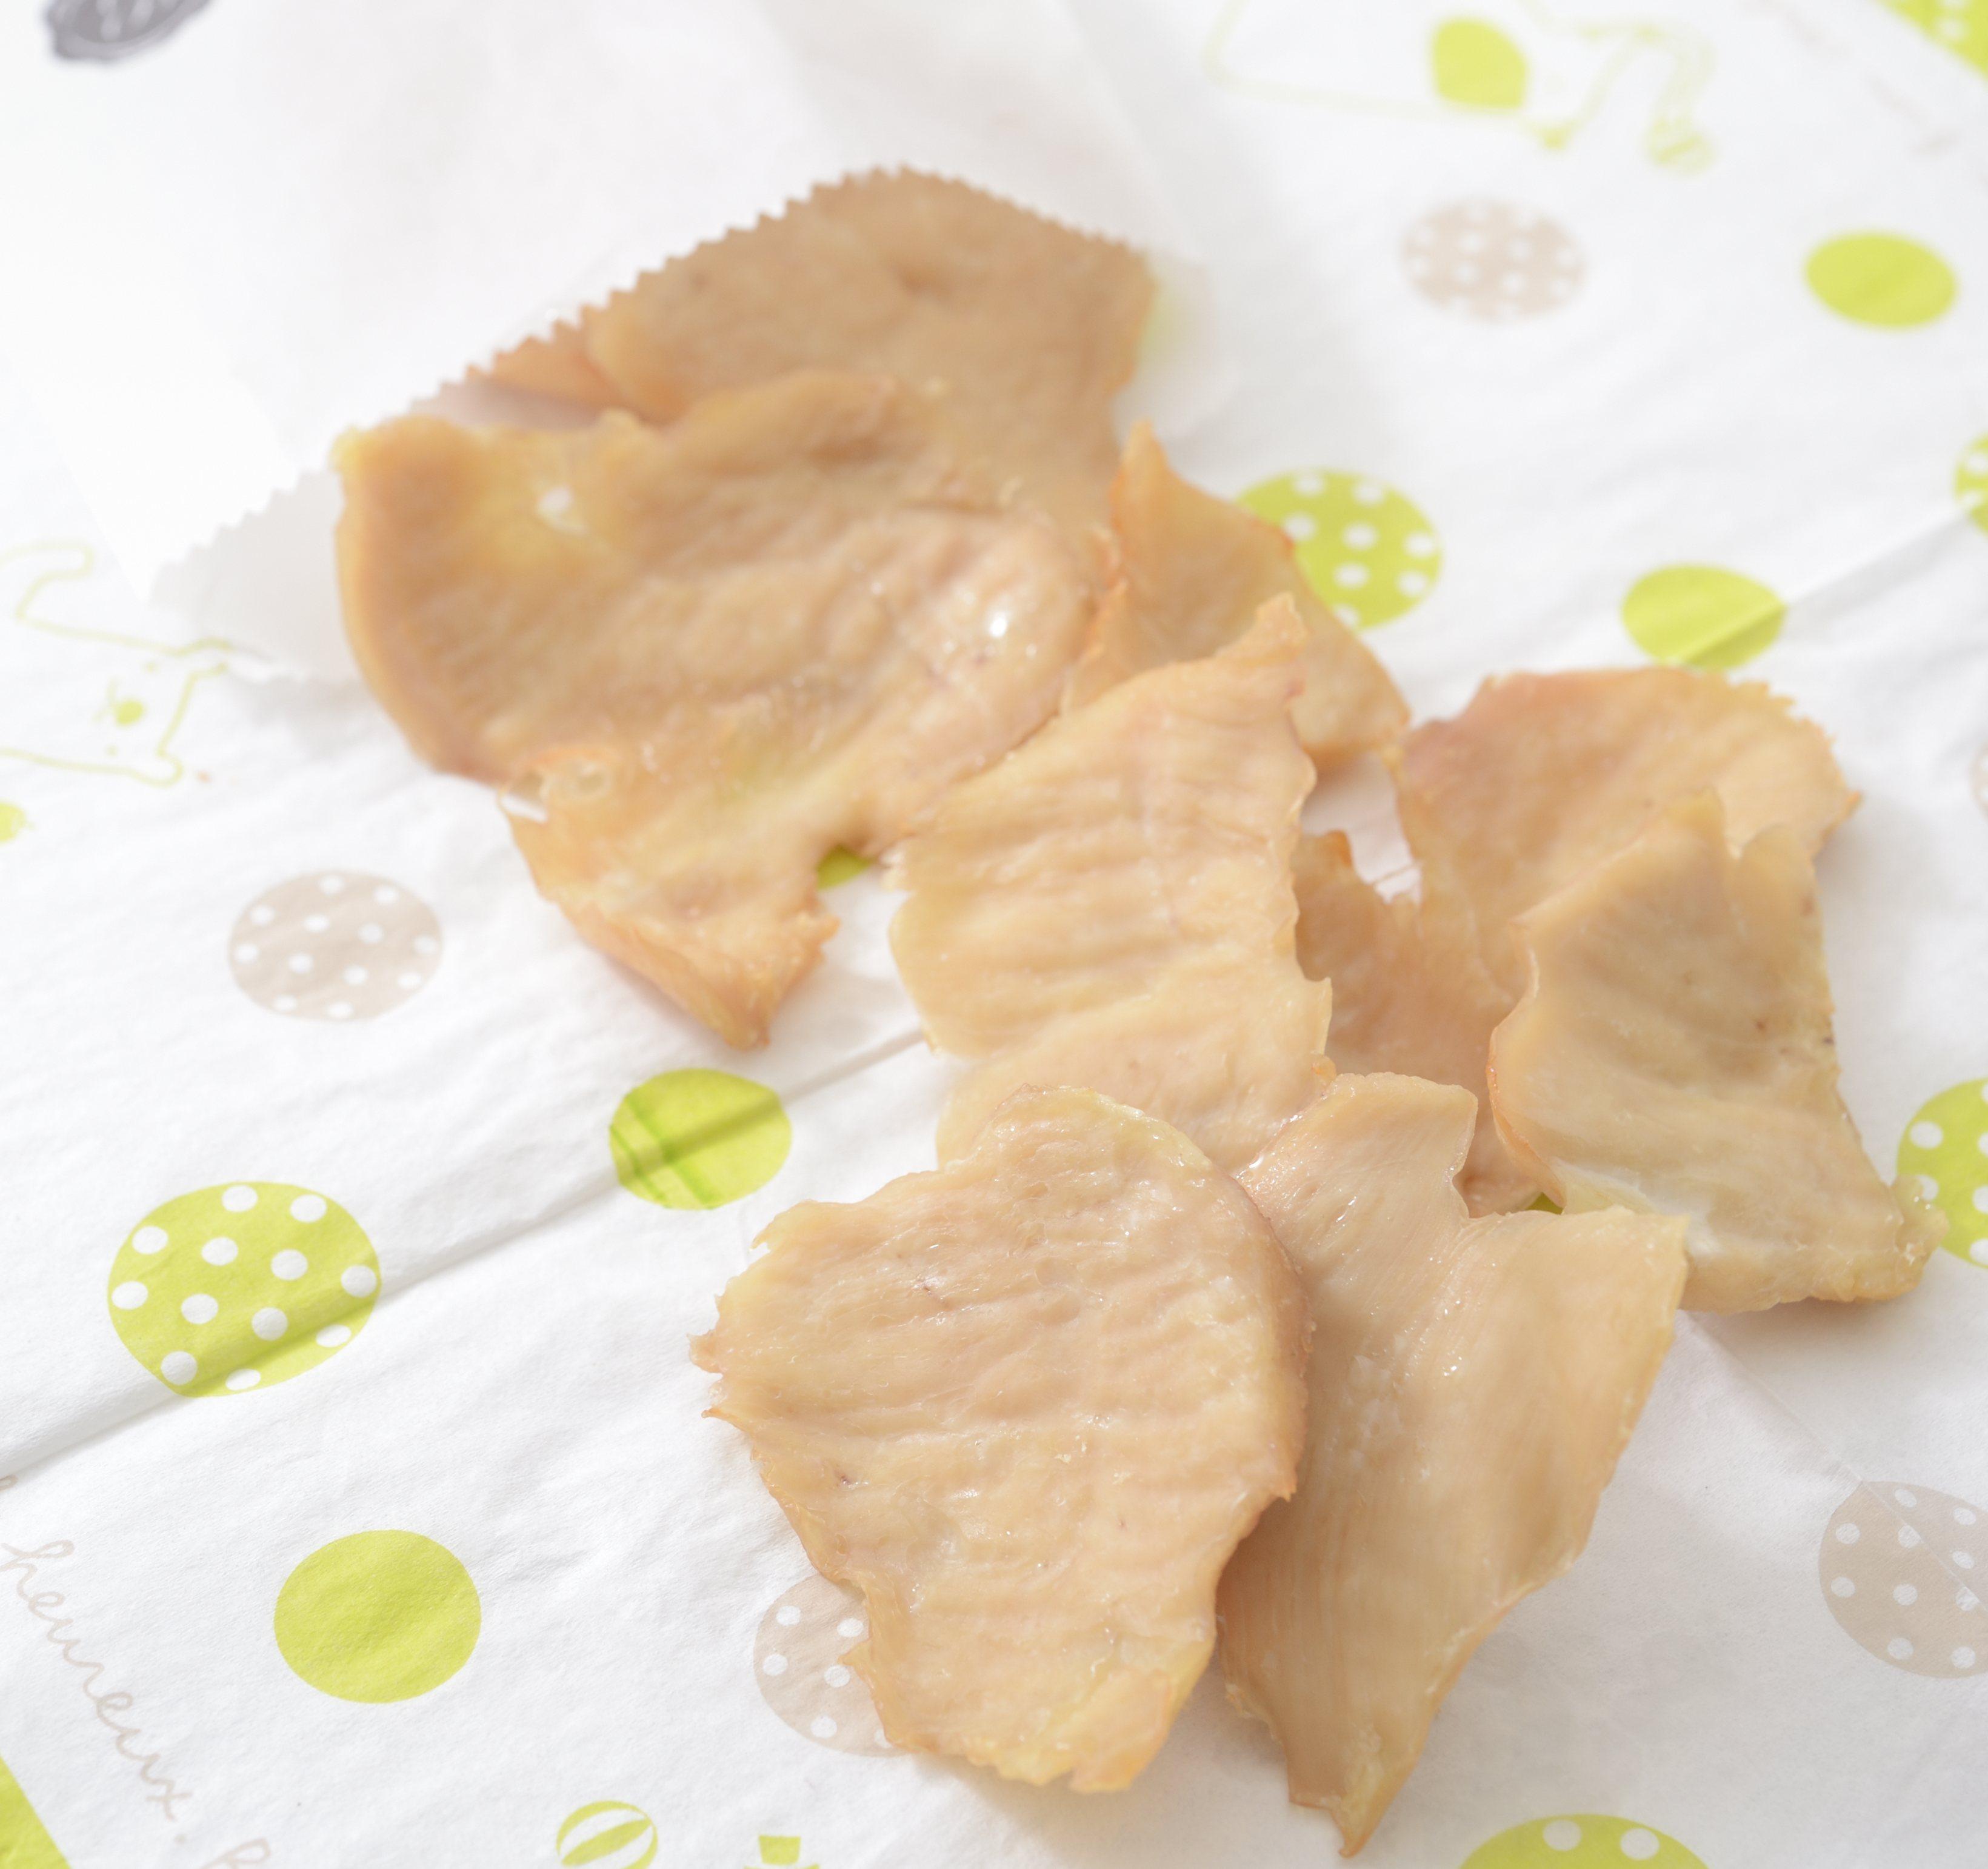 犬用ジャーキーのレシピ